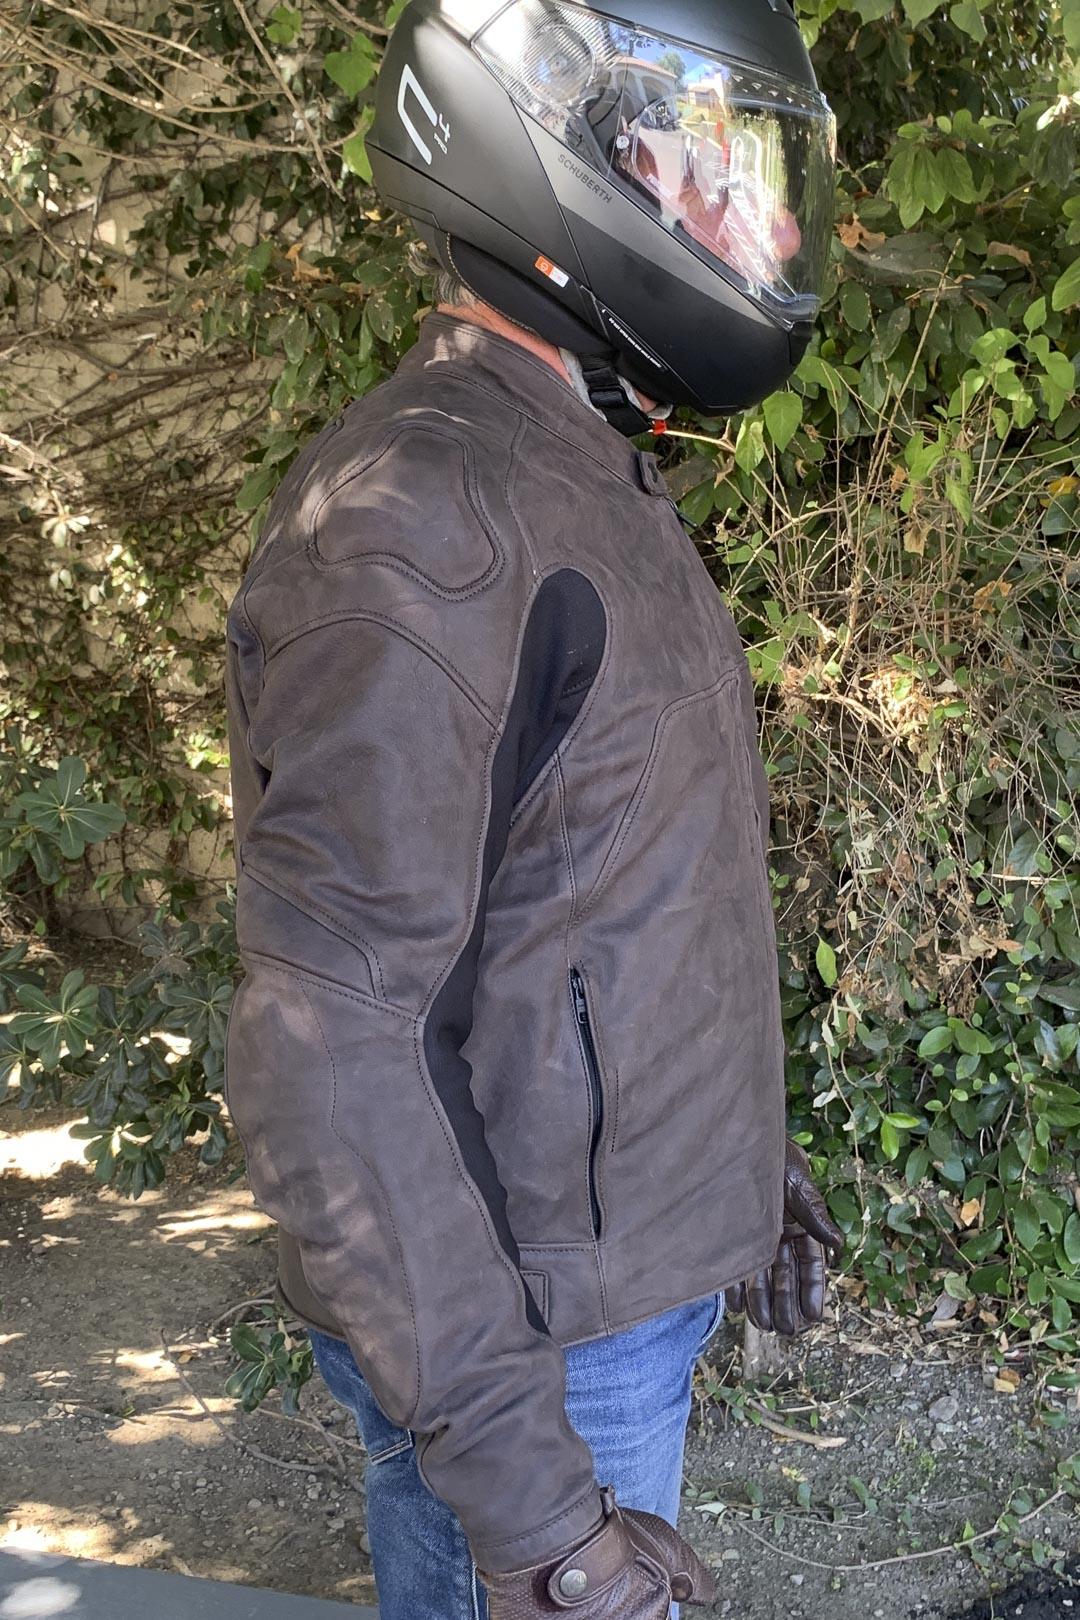 Spidi Evotourer Leather Motorcycle Jacket